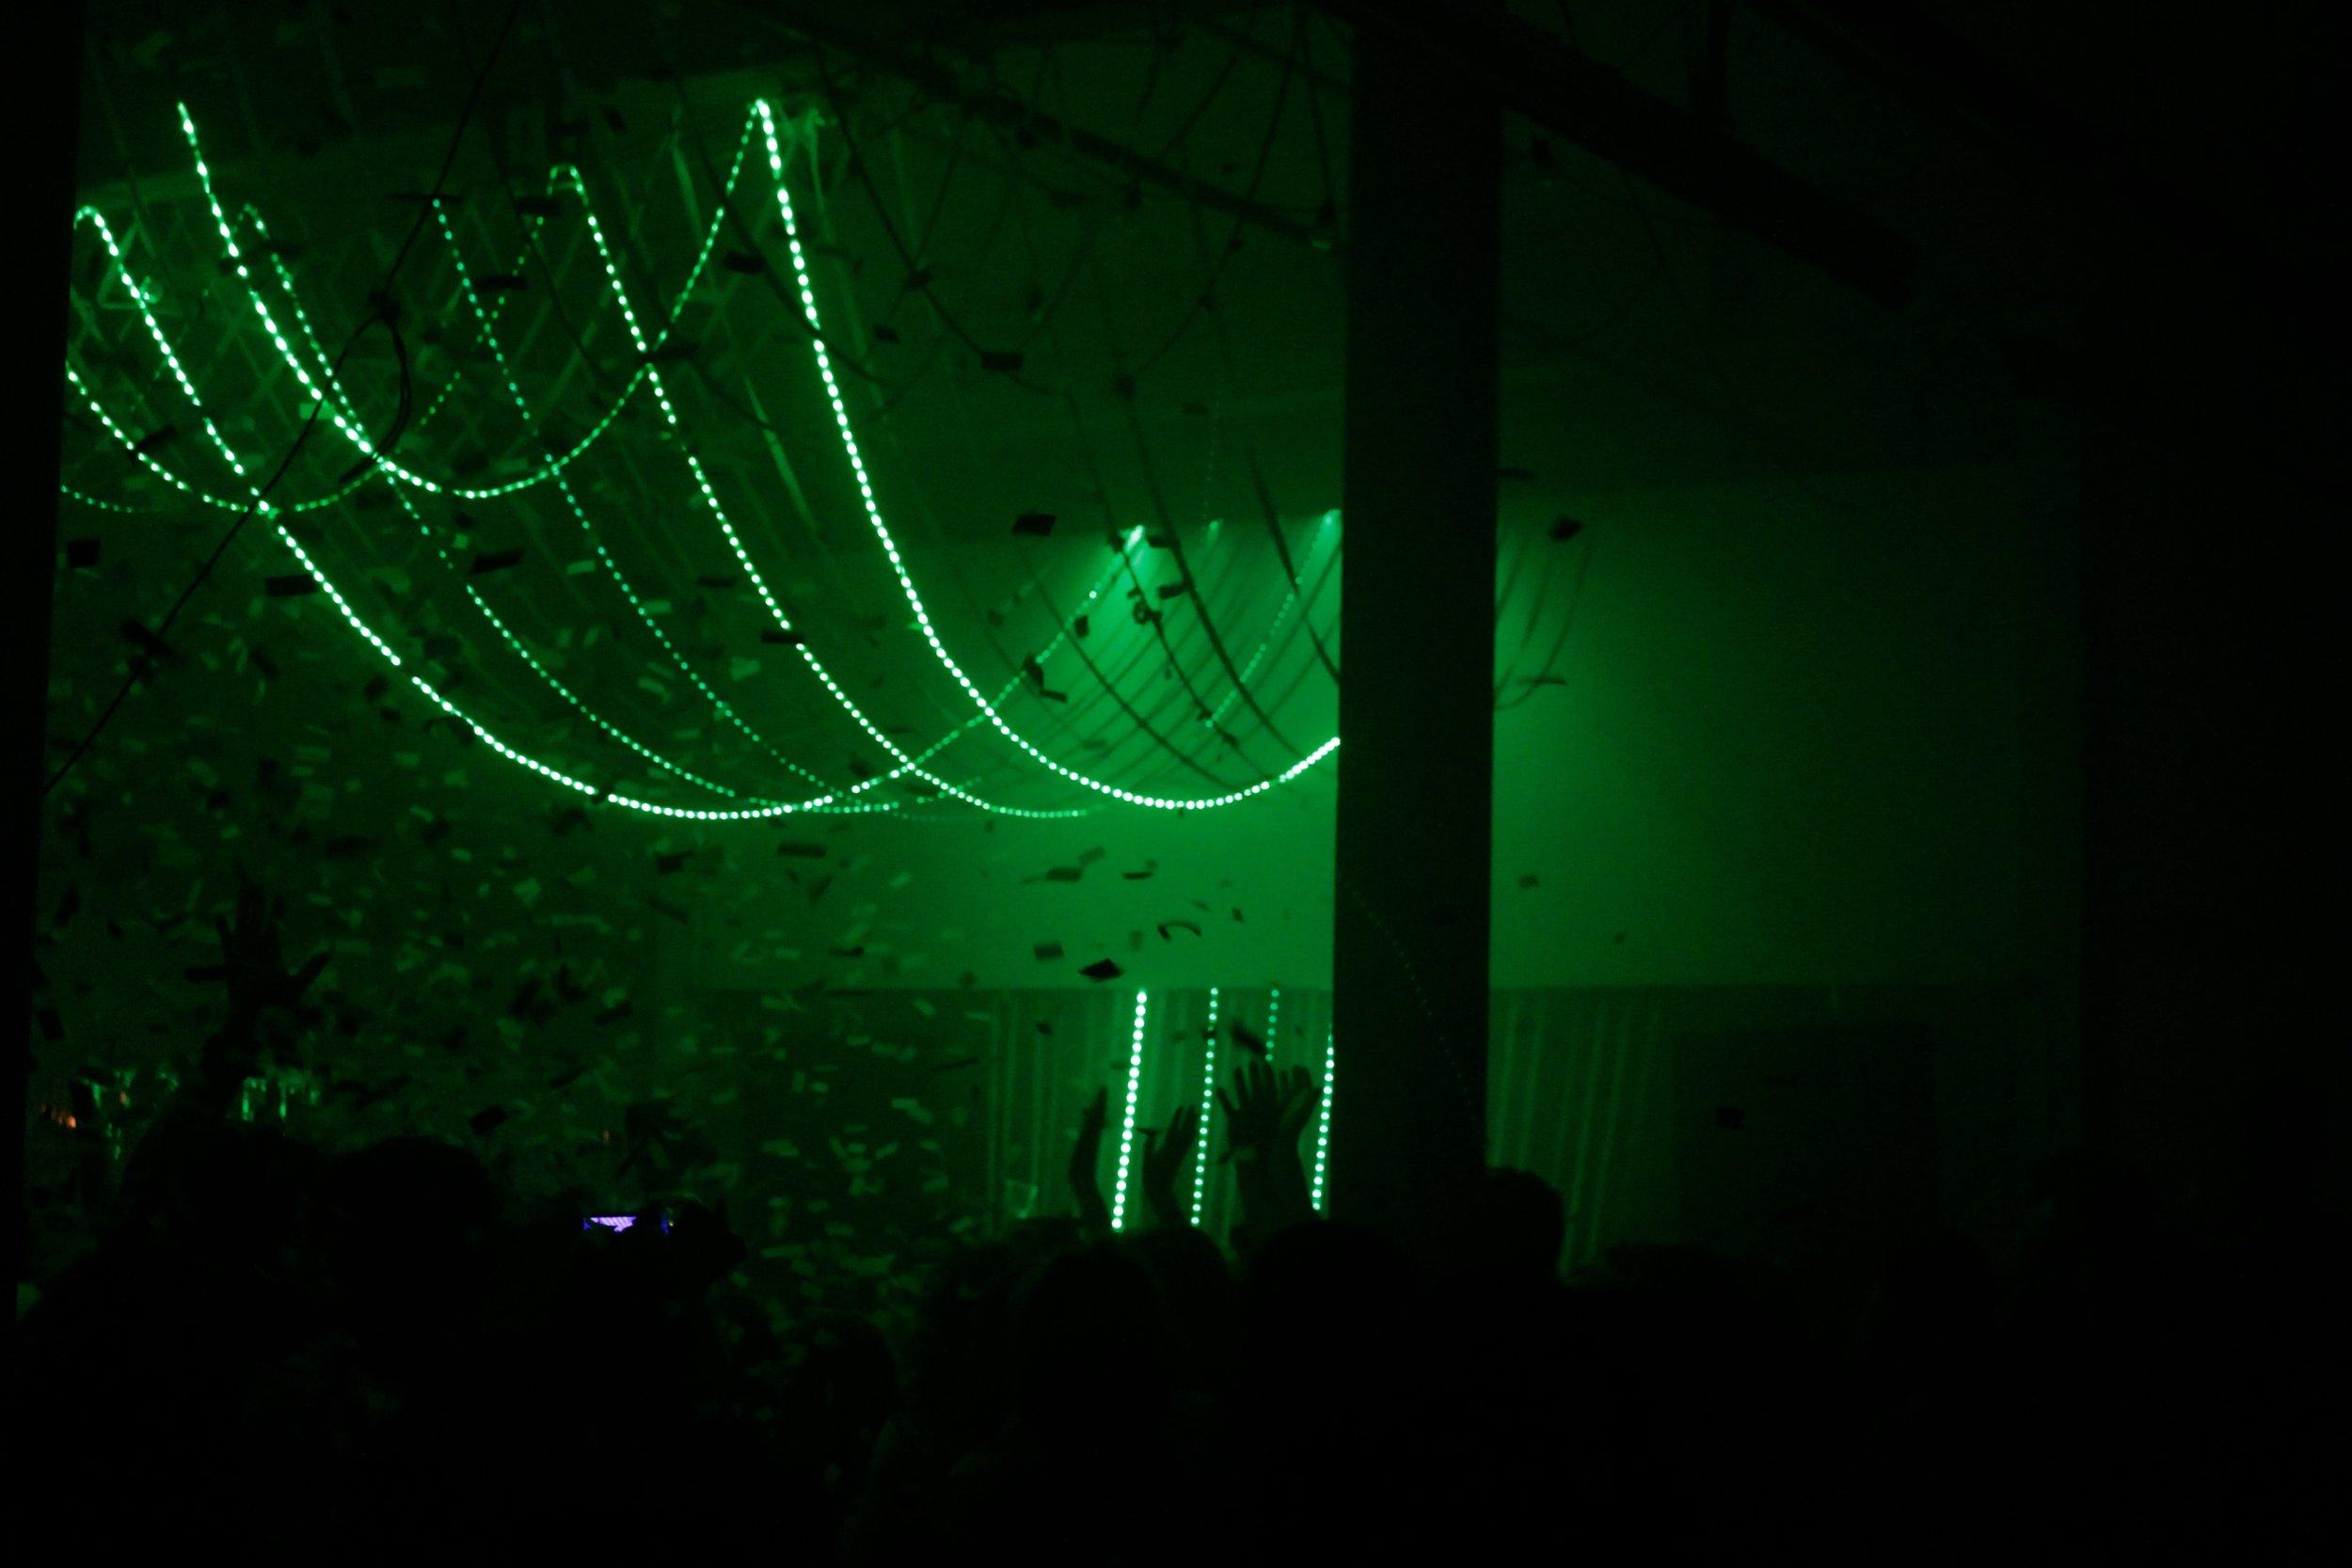 Finale Green.jpg